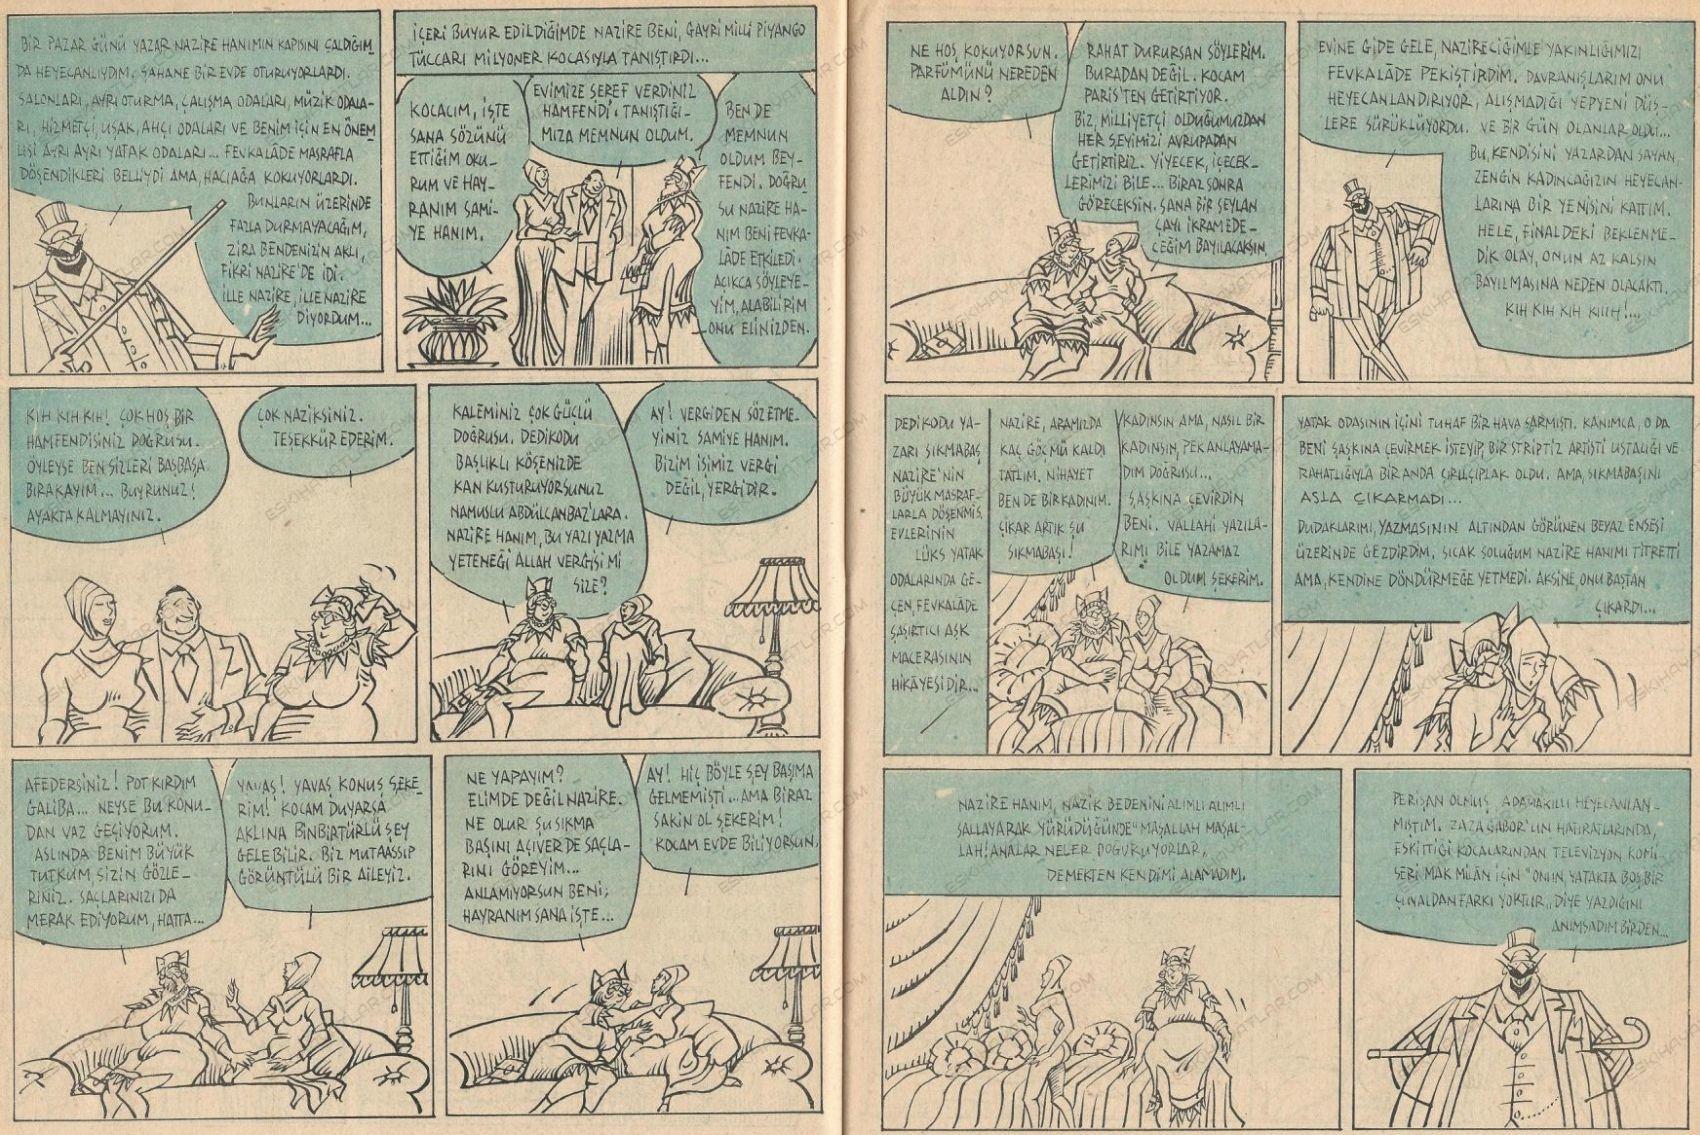 0177-abdulcanbaz-kadin-nedir-senin-adin-turhan-selcuk-milliyet-yayinlari (10)